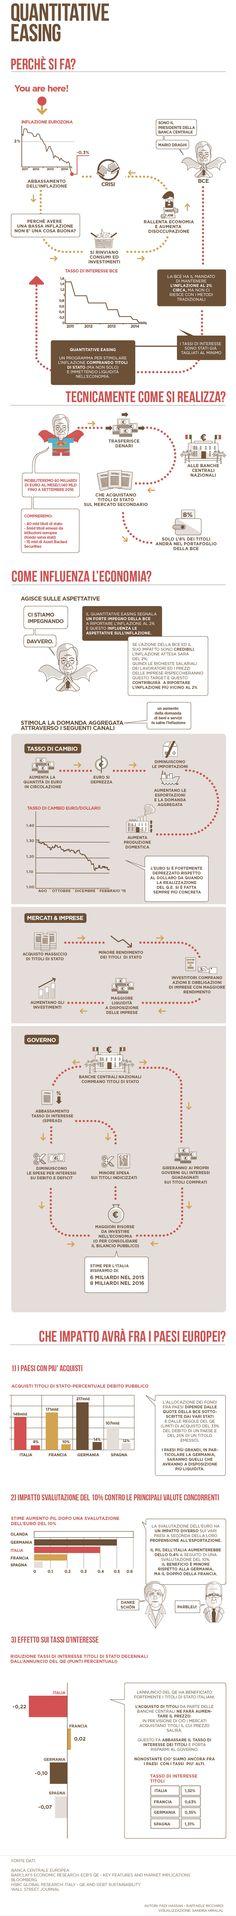 Ecco il bazooka di Draghi da mille miliardi - Economia e Finanza con Bloomberg - Repubblica.it